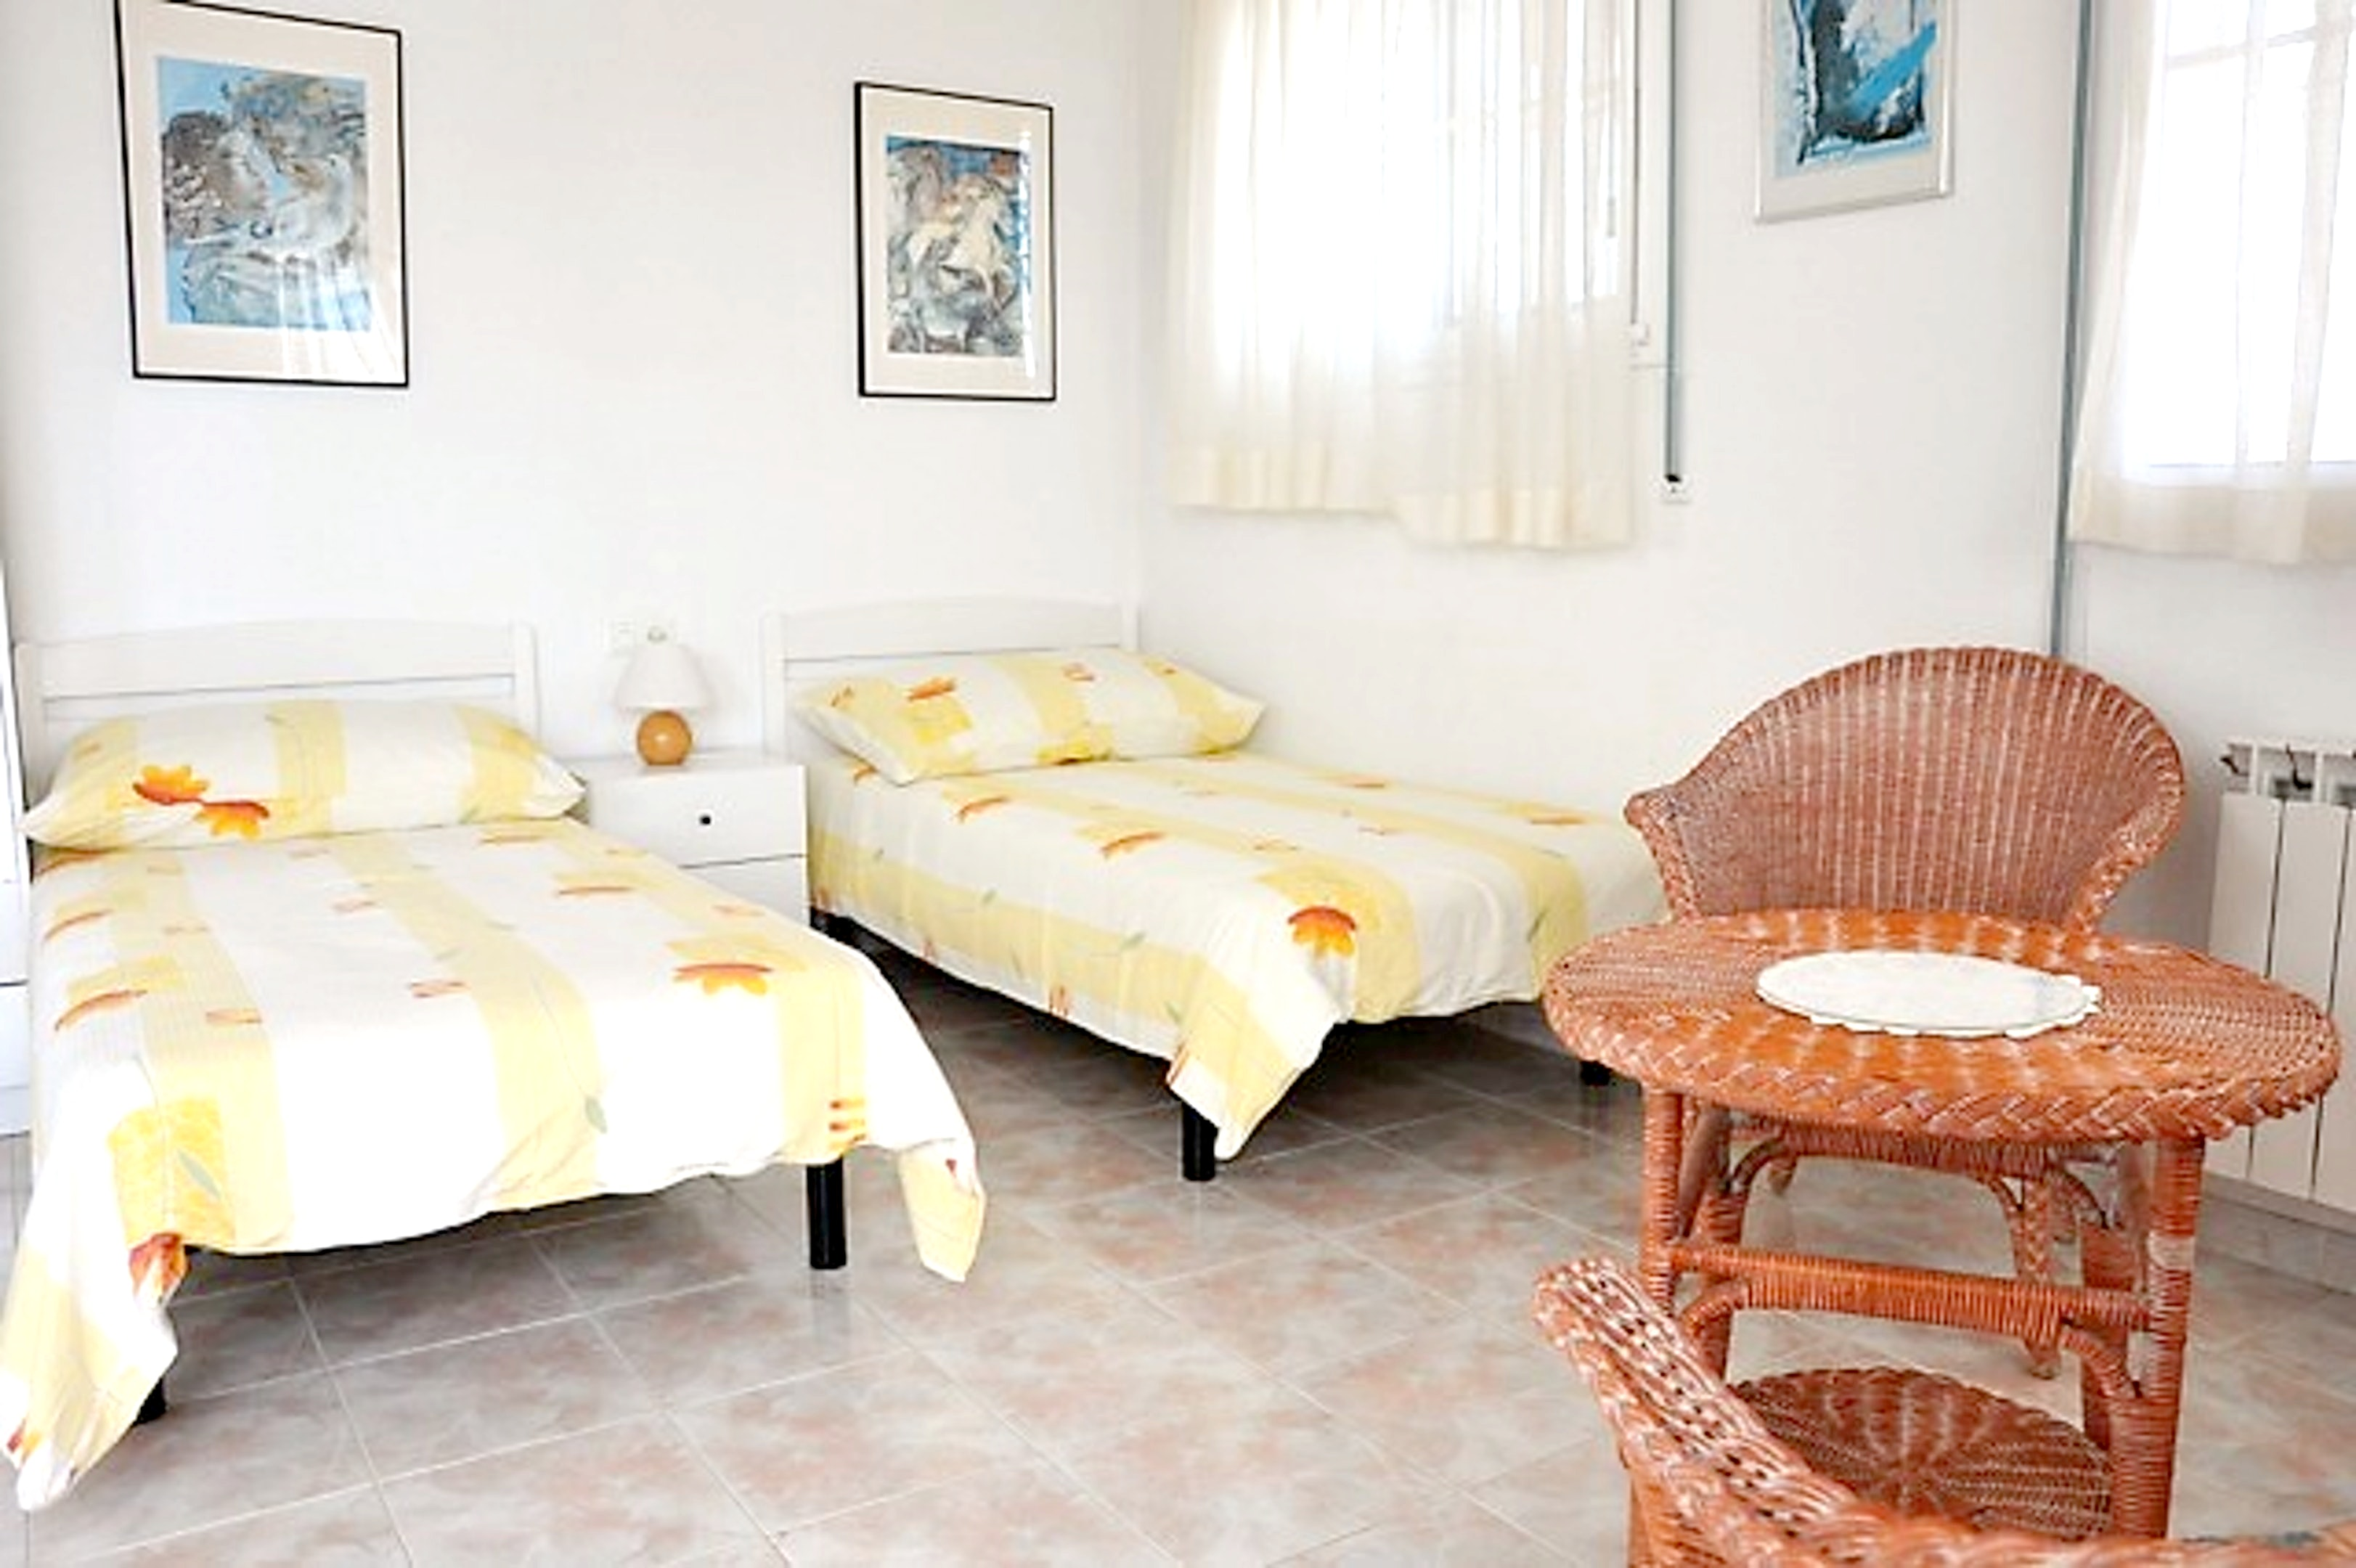 Ferienhaus Villa mit 3 Schlafzimmern in Ampolla mit herrlichem Meerblick, privatem Pool, möbliertem G (2201037), L'Ampolla, Costa Dorada, Katalonien, Spanien, Bild 23